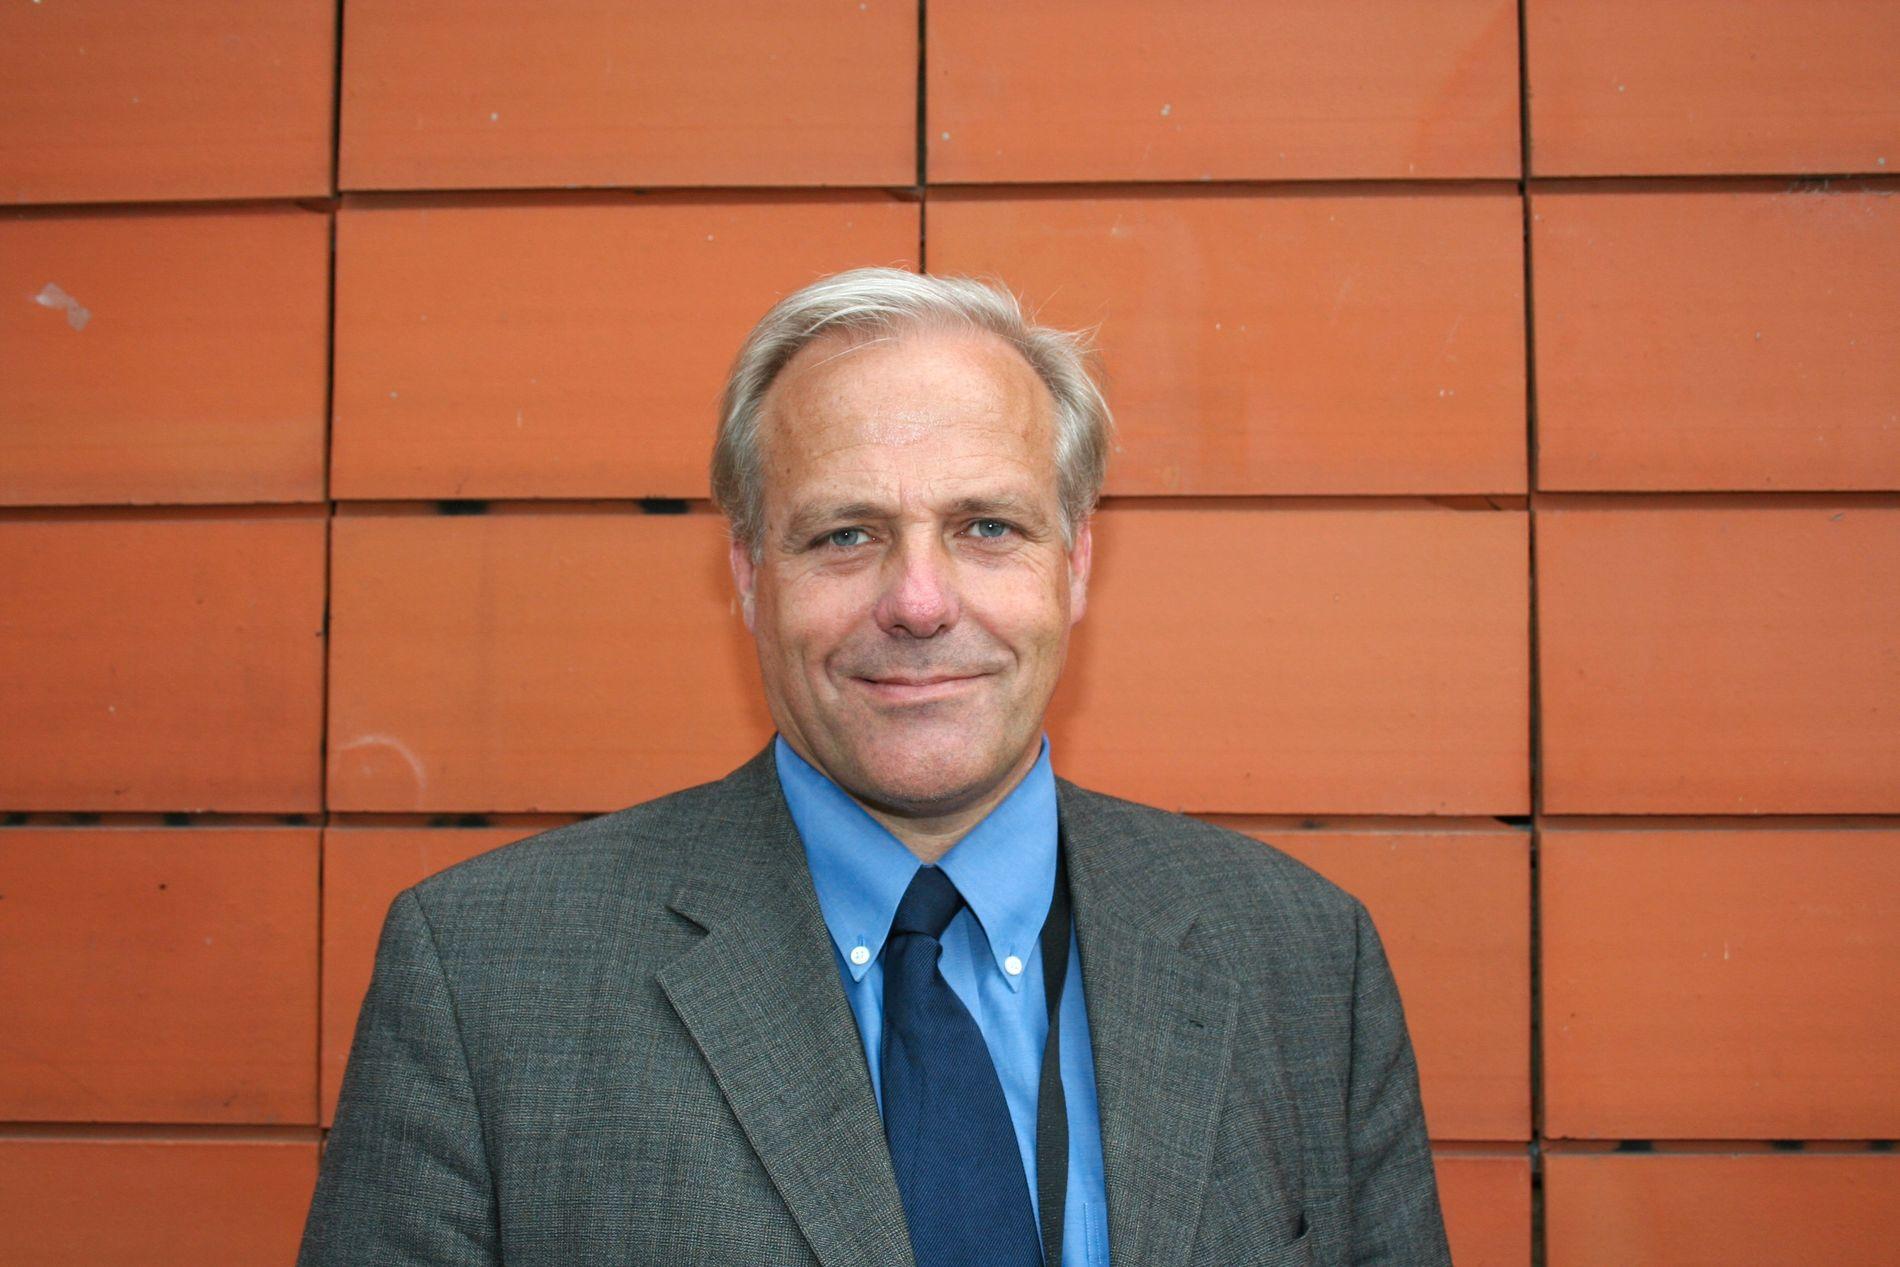 SYKEHUSSJEF: Sigbjørn Smeland er klinikkleder ved Kreftklinikken ved Oslo universitetssykehus.